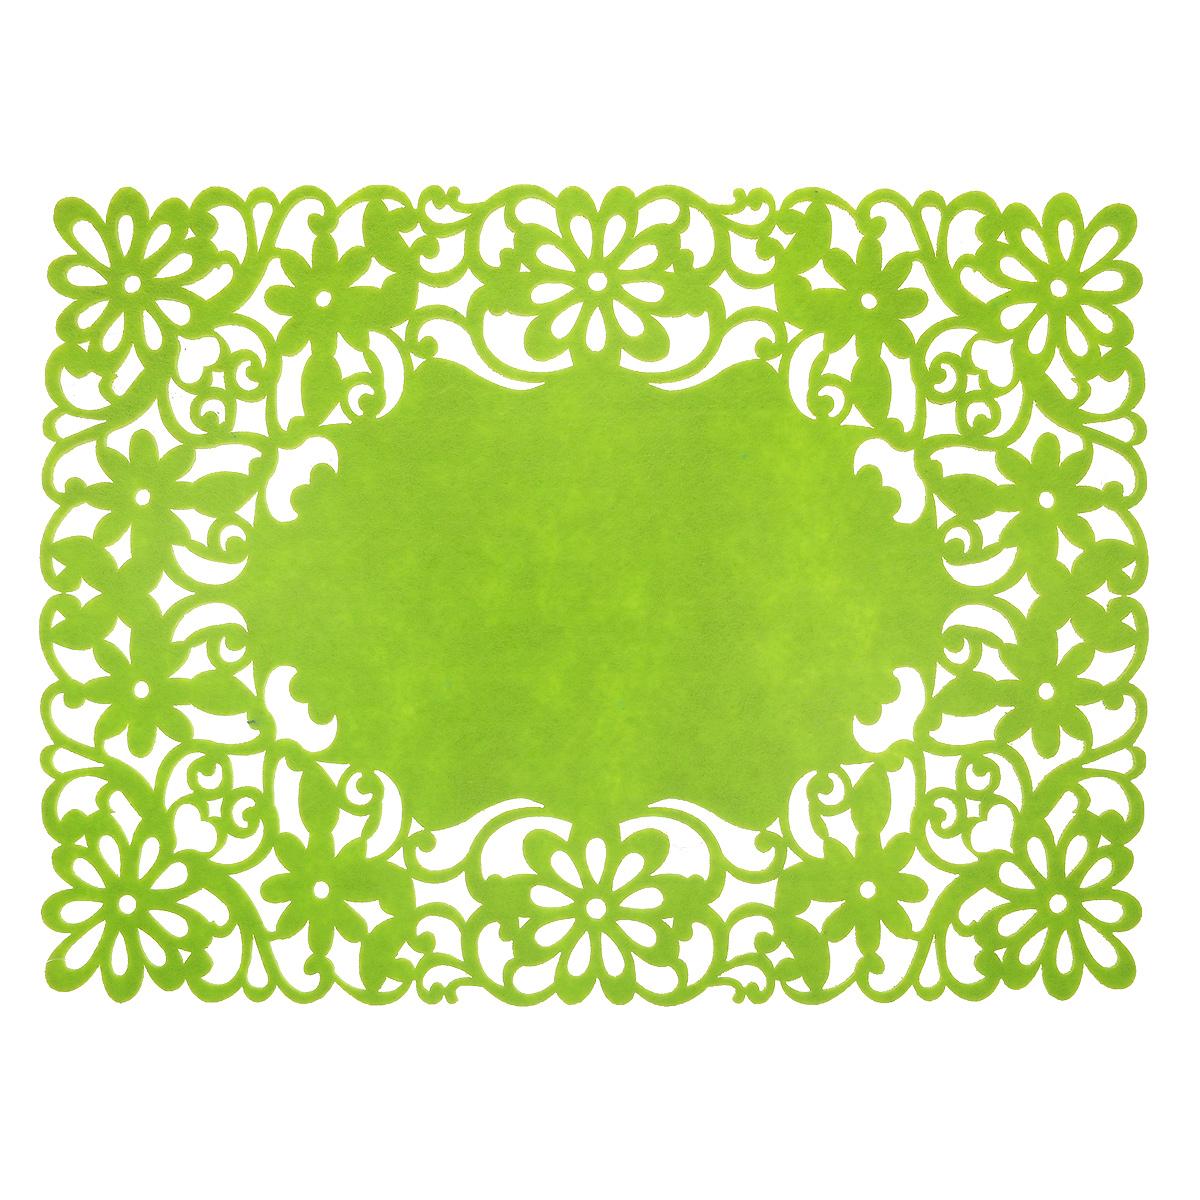 Салфетка Home Queen Цветы, цвет: зеленый, 40 х 30 см64498_2Прямоугольная салфетка Home Queen Цветы изготовлена из фетра и оформлена изысканной перфорацией в виде цветочных узоров. Такая салфетка прекрасно подойдет для украшения интерьера кухни, она сбережет стол от высоких температур и грязи.